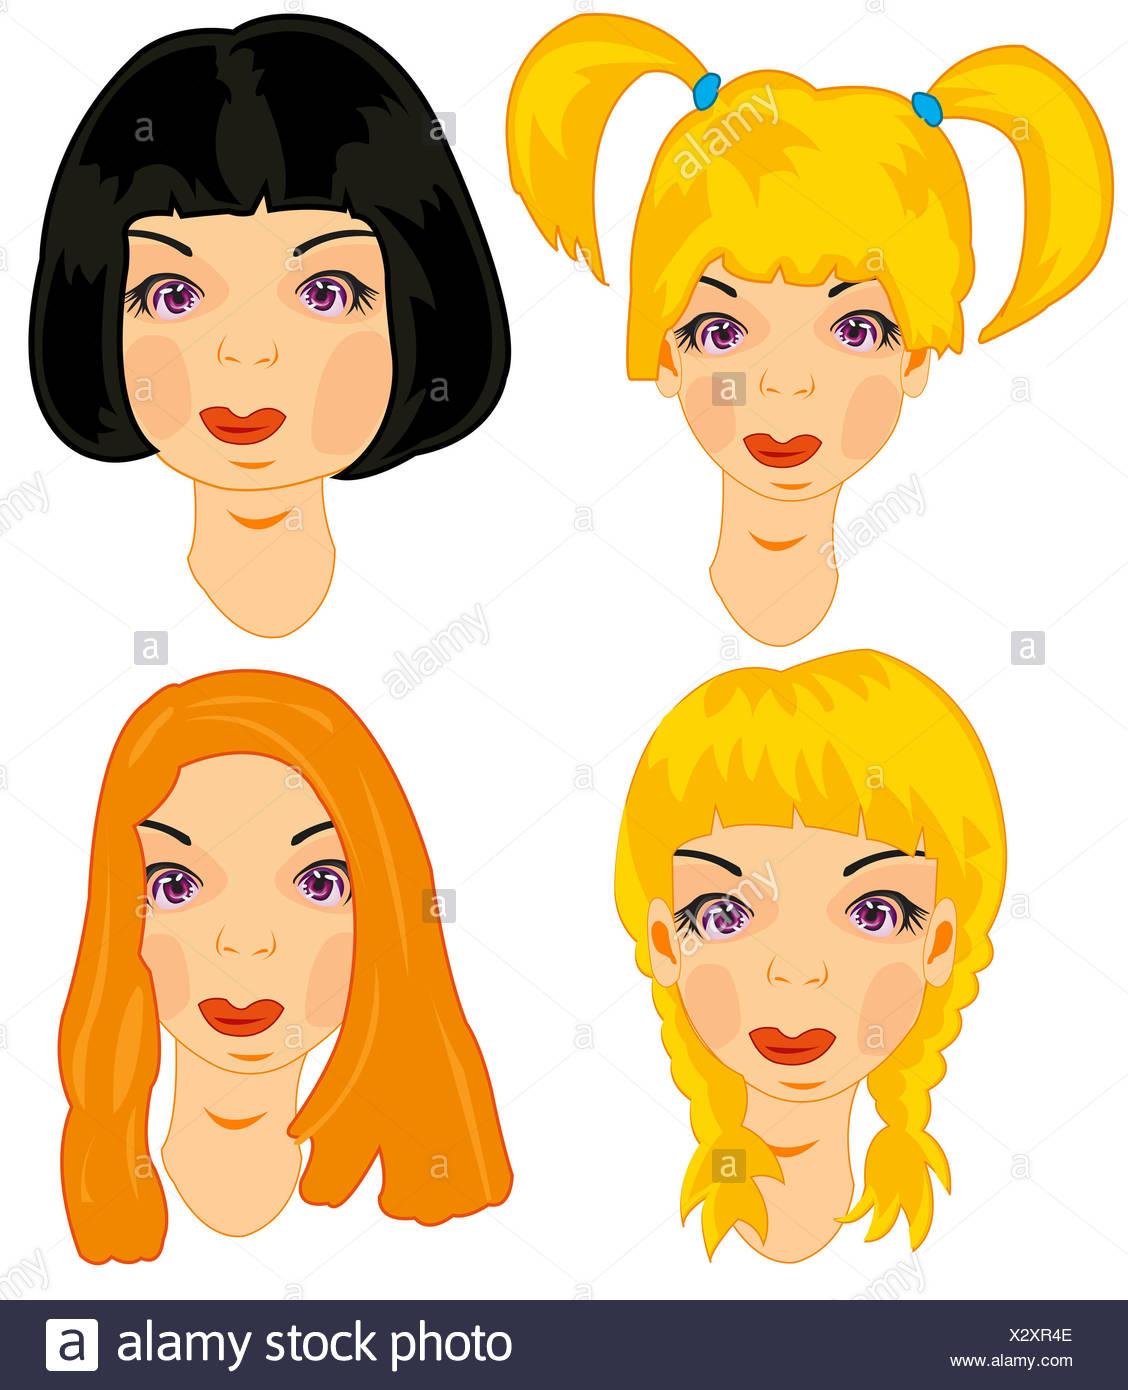 Frisuren Jungen Mädchen Stockfoto Bild 277184110 Alamy